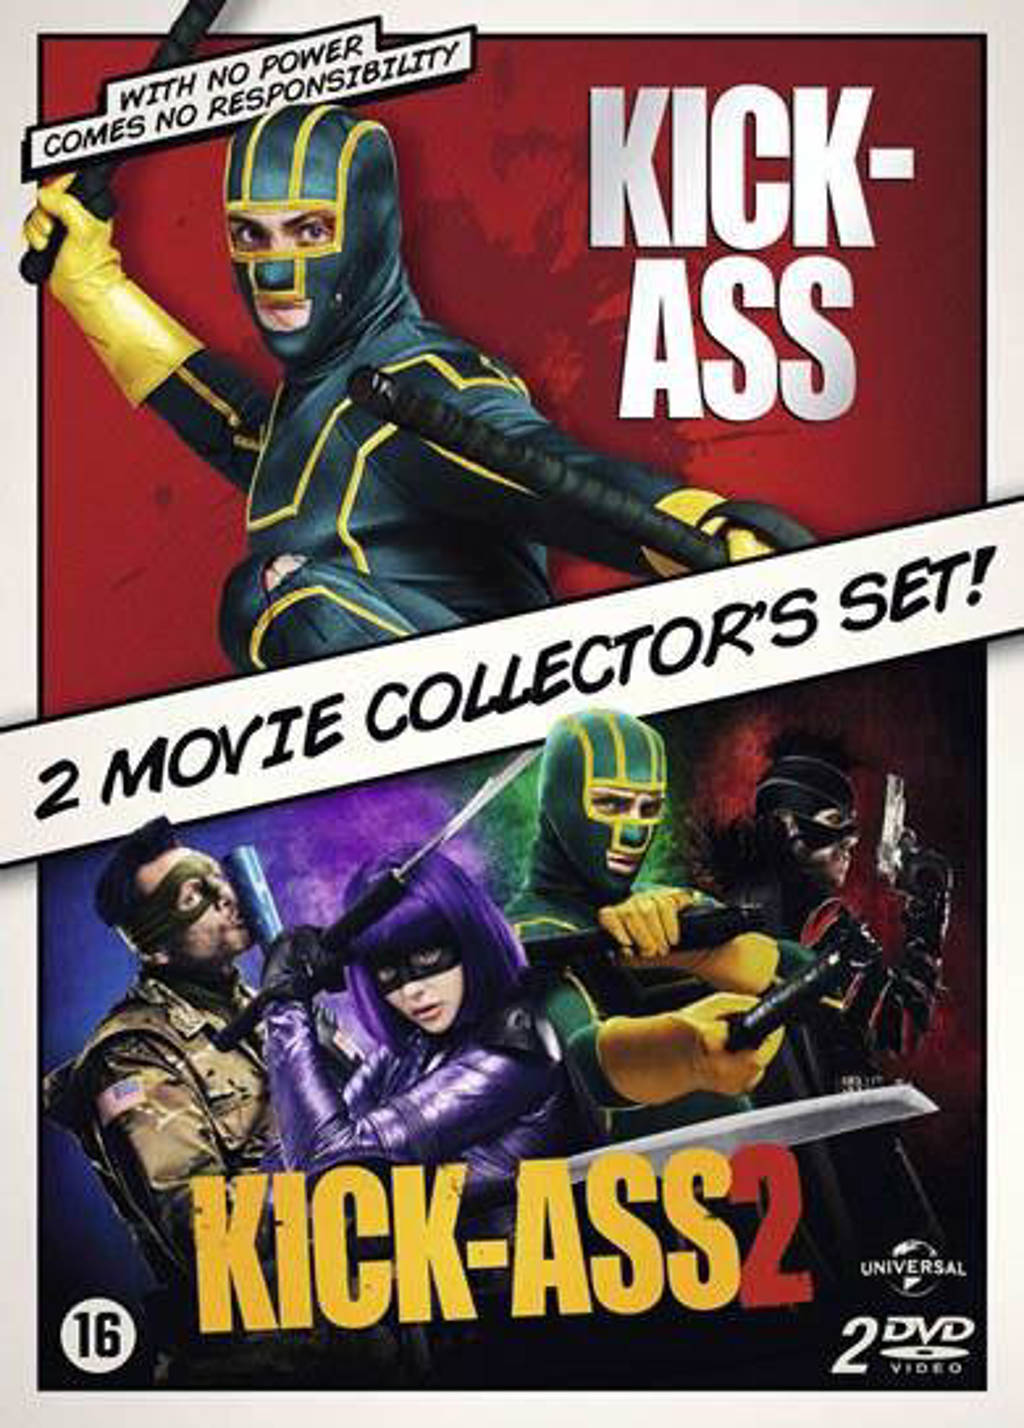 Kick-ass 1 & 2 (DVD)